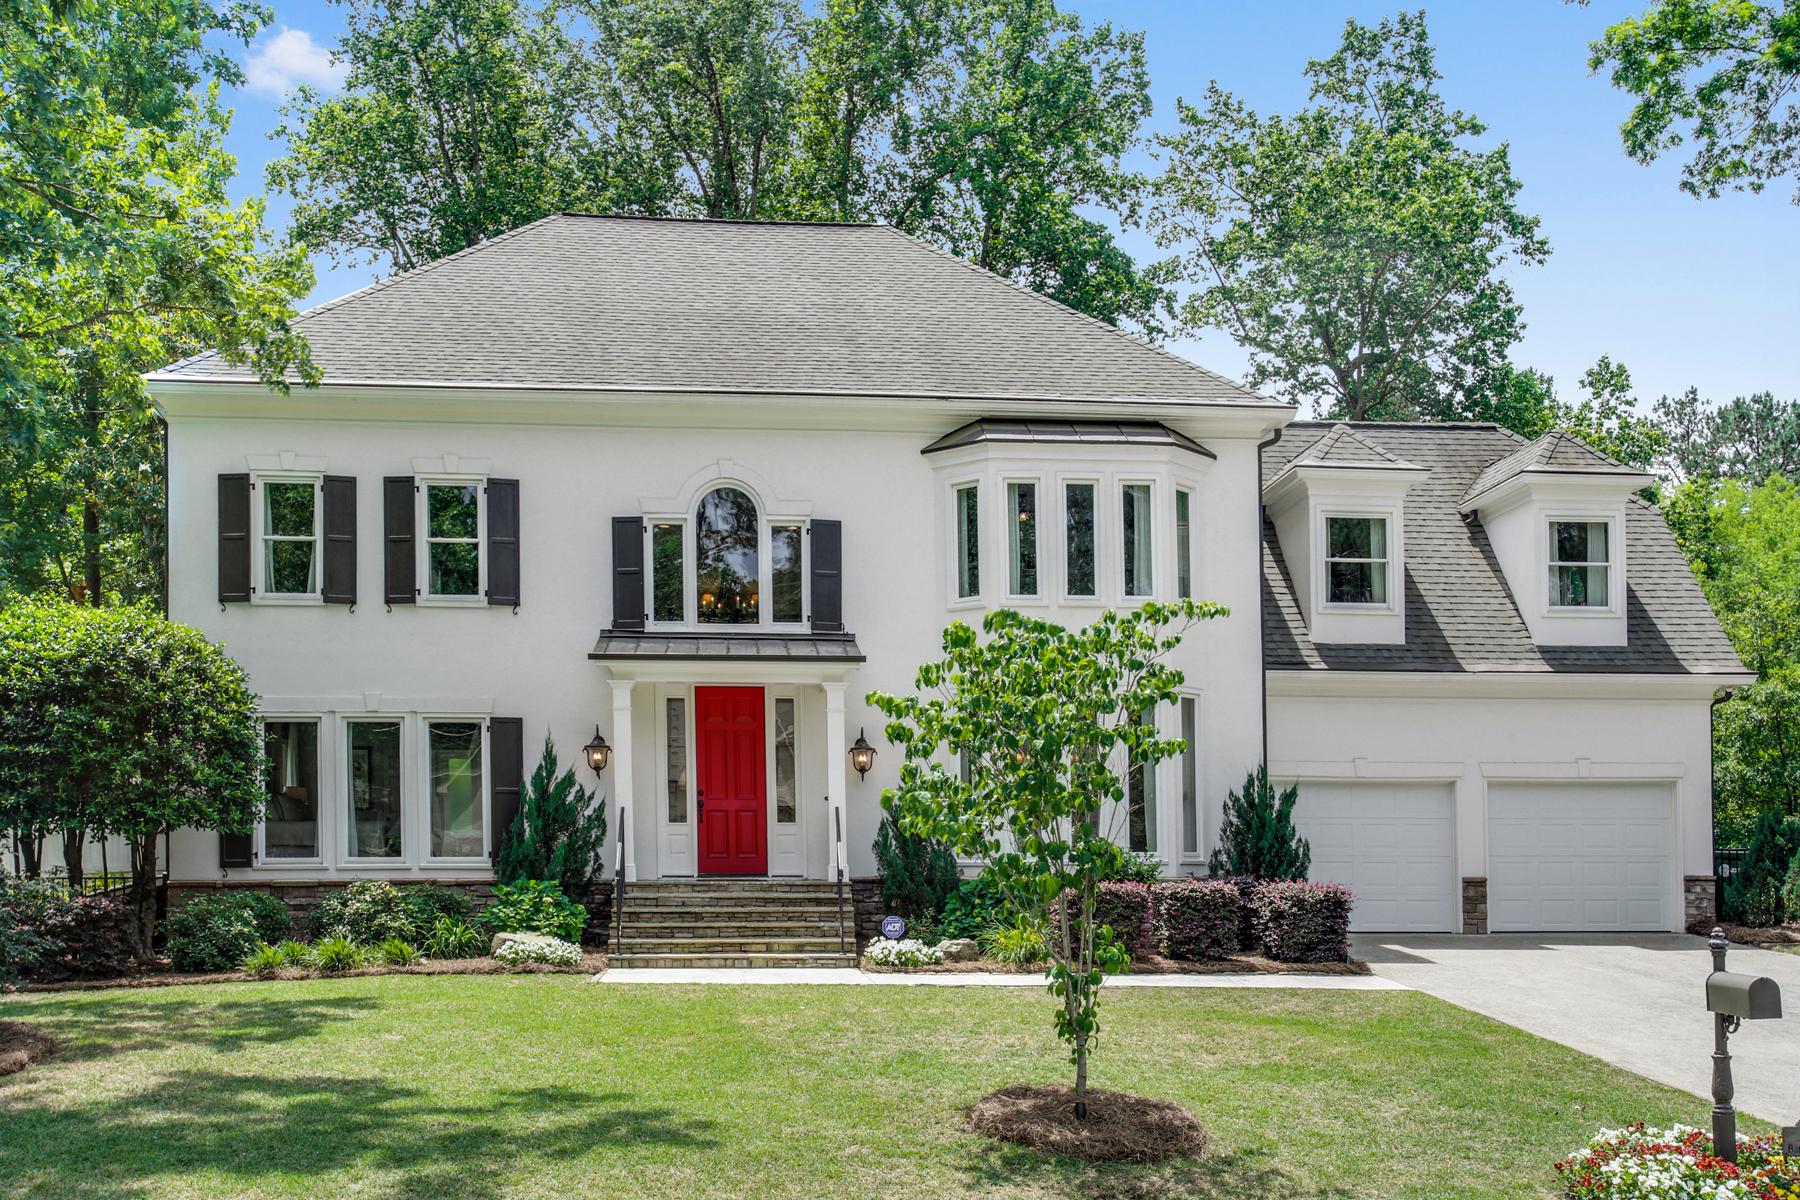 단독 가정 주택 용 매매 에 Absolutely Stunning Home On Great Cul-de-sac Street 1328 Battleview Drive Atlanta, 조지아, 30327 미국